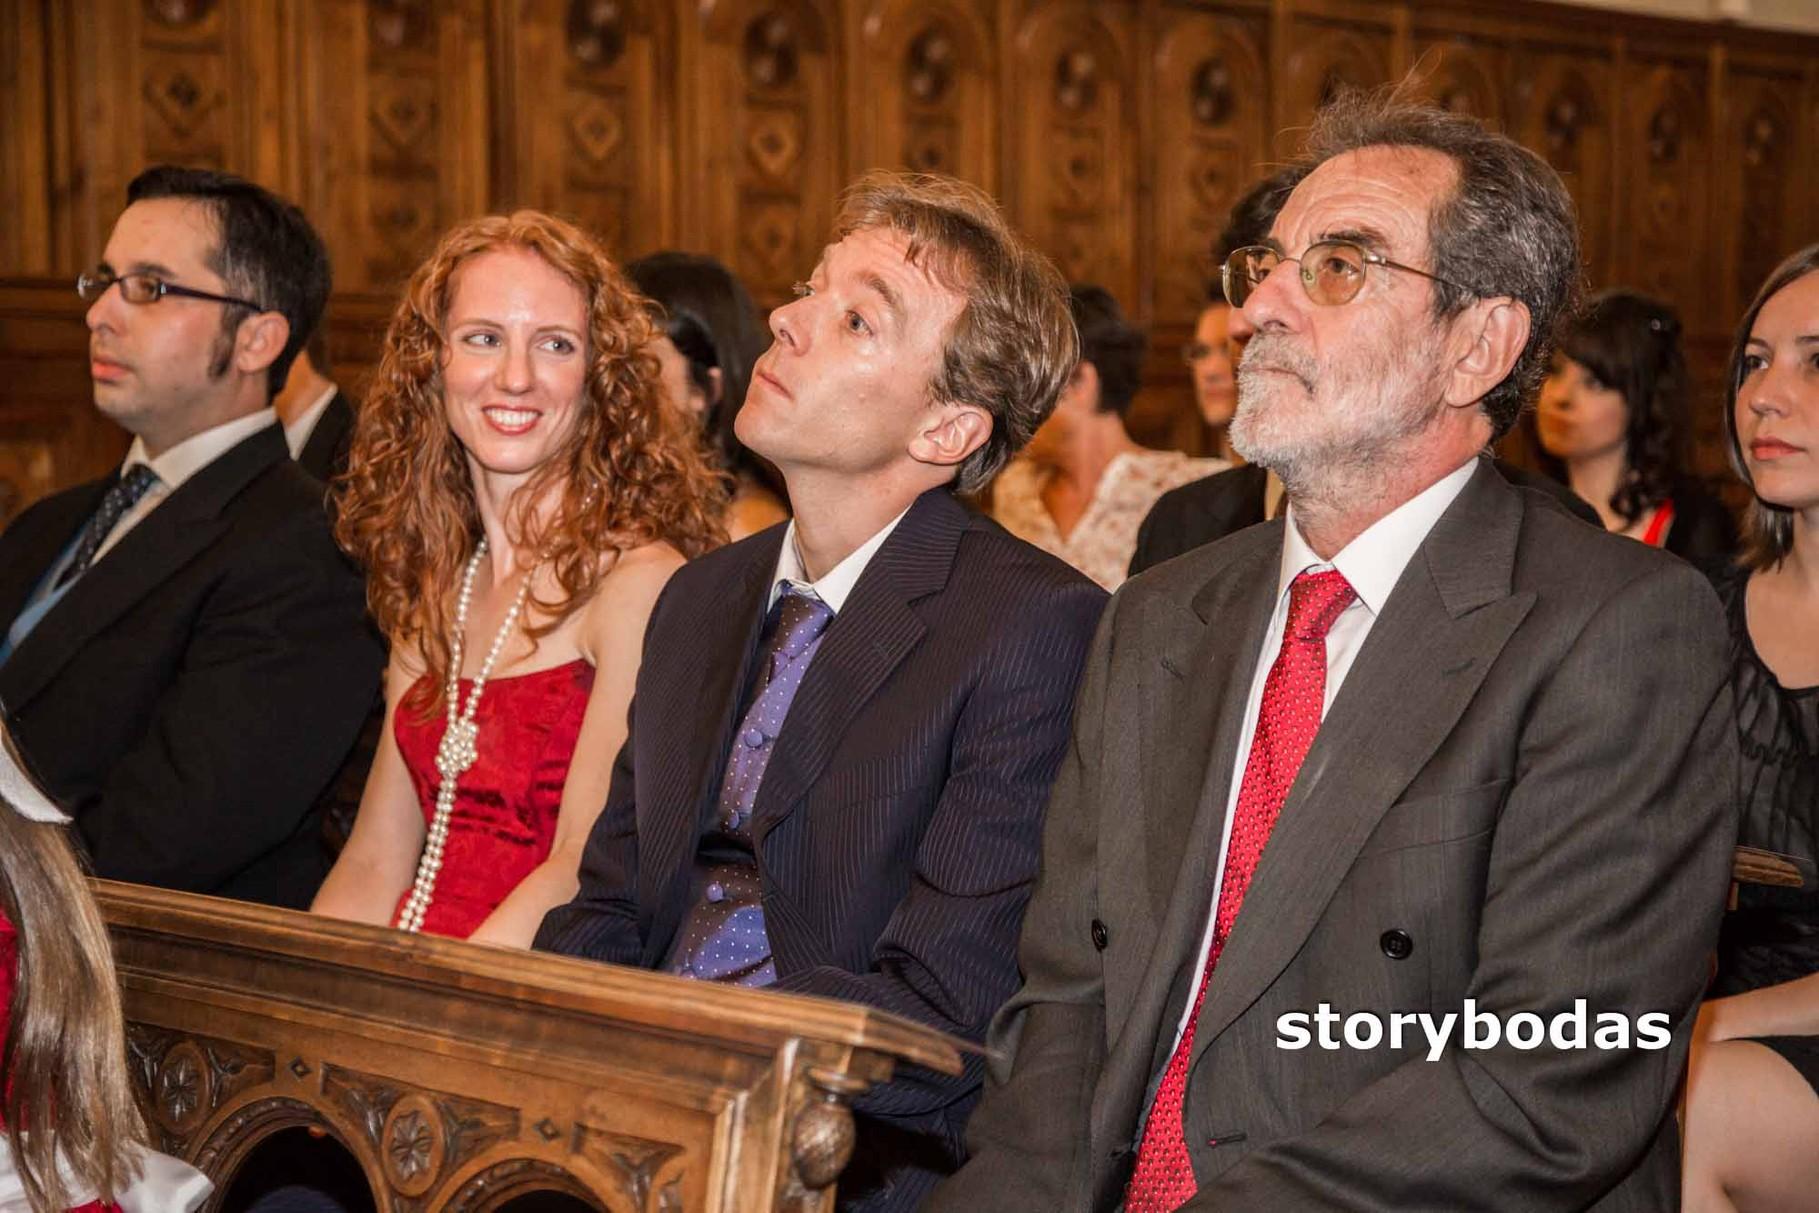 storybodas Invitados durante el rito del matrimonio